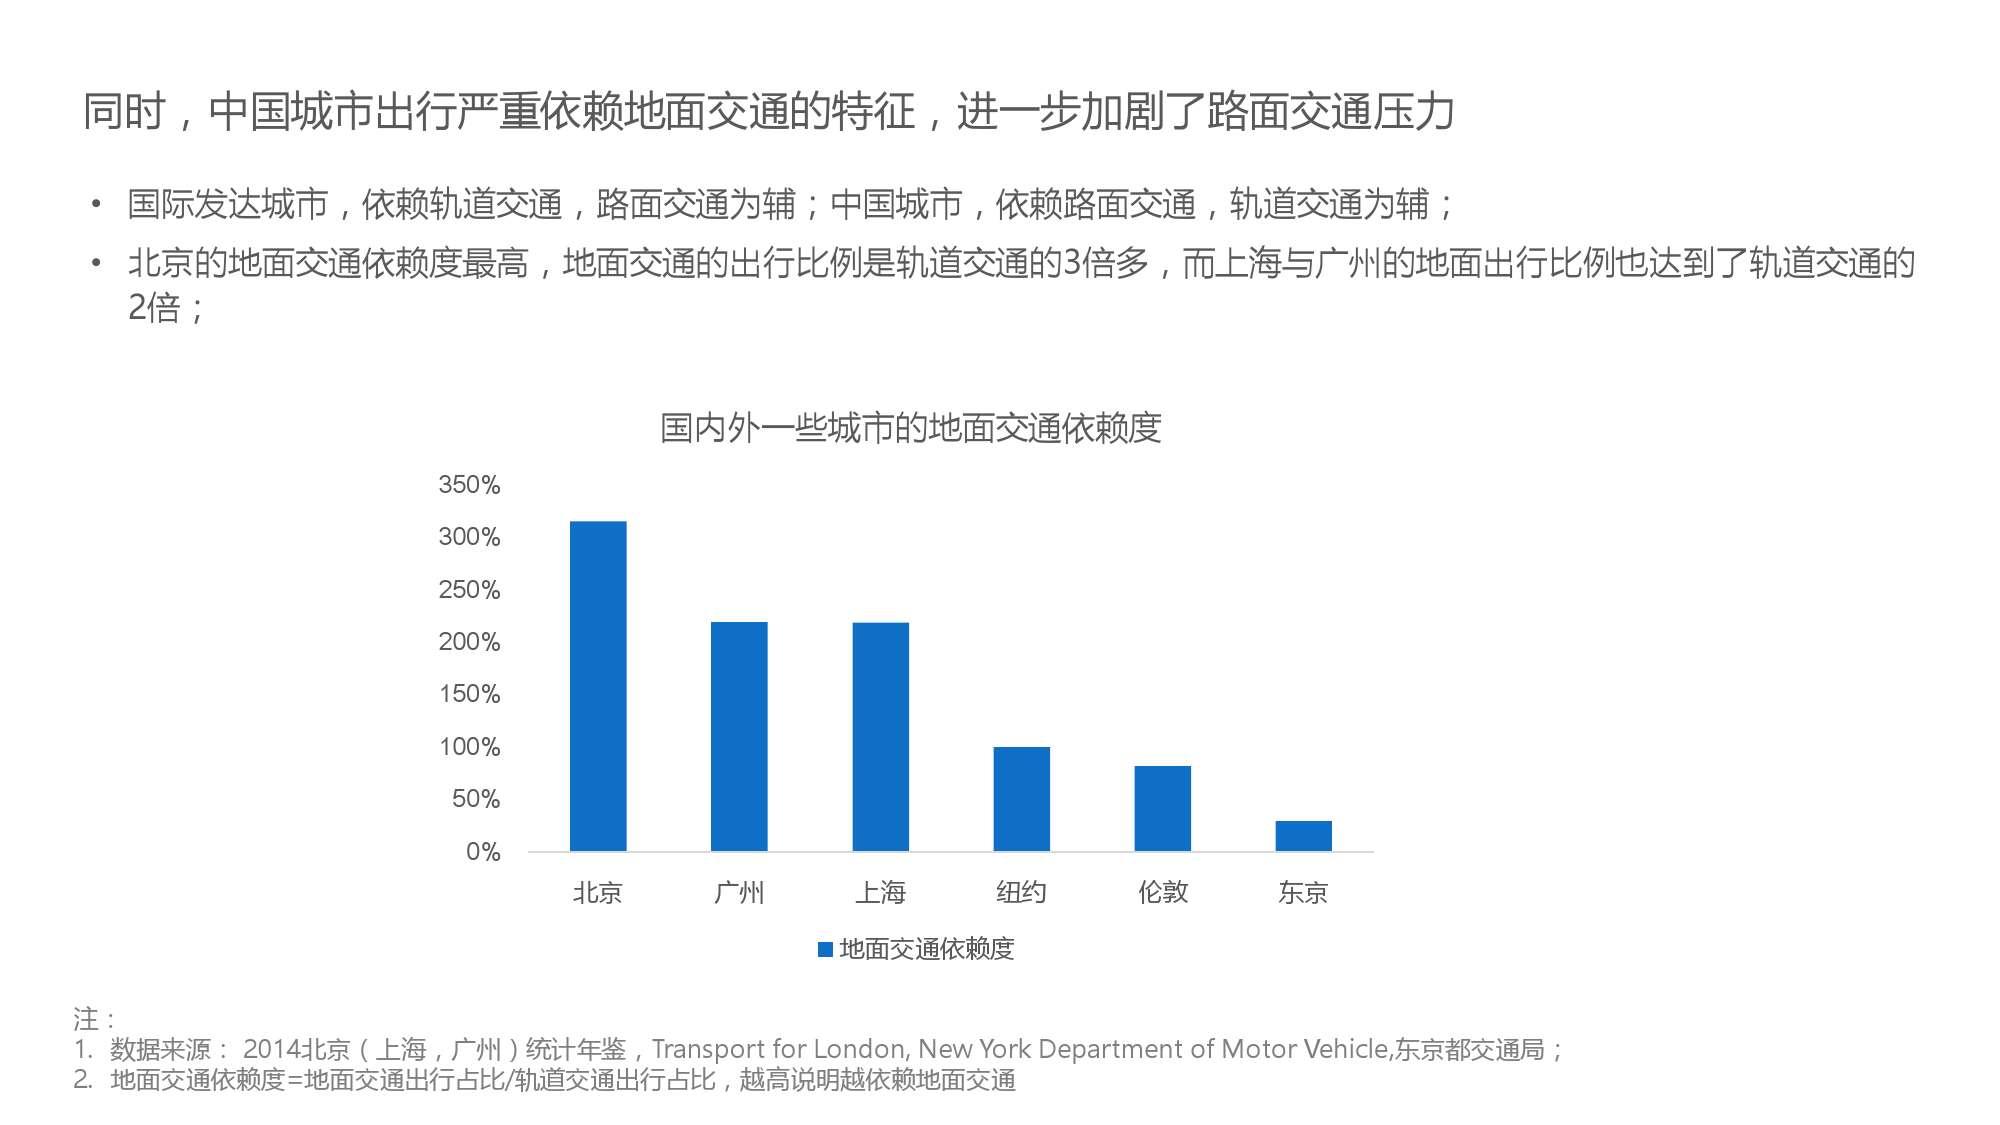 中国智能出行2015大数据报告_000029